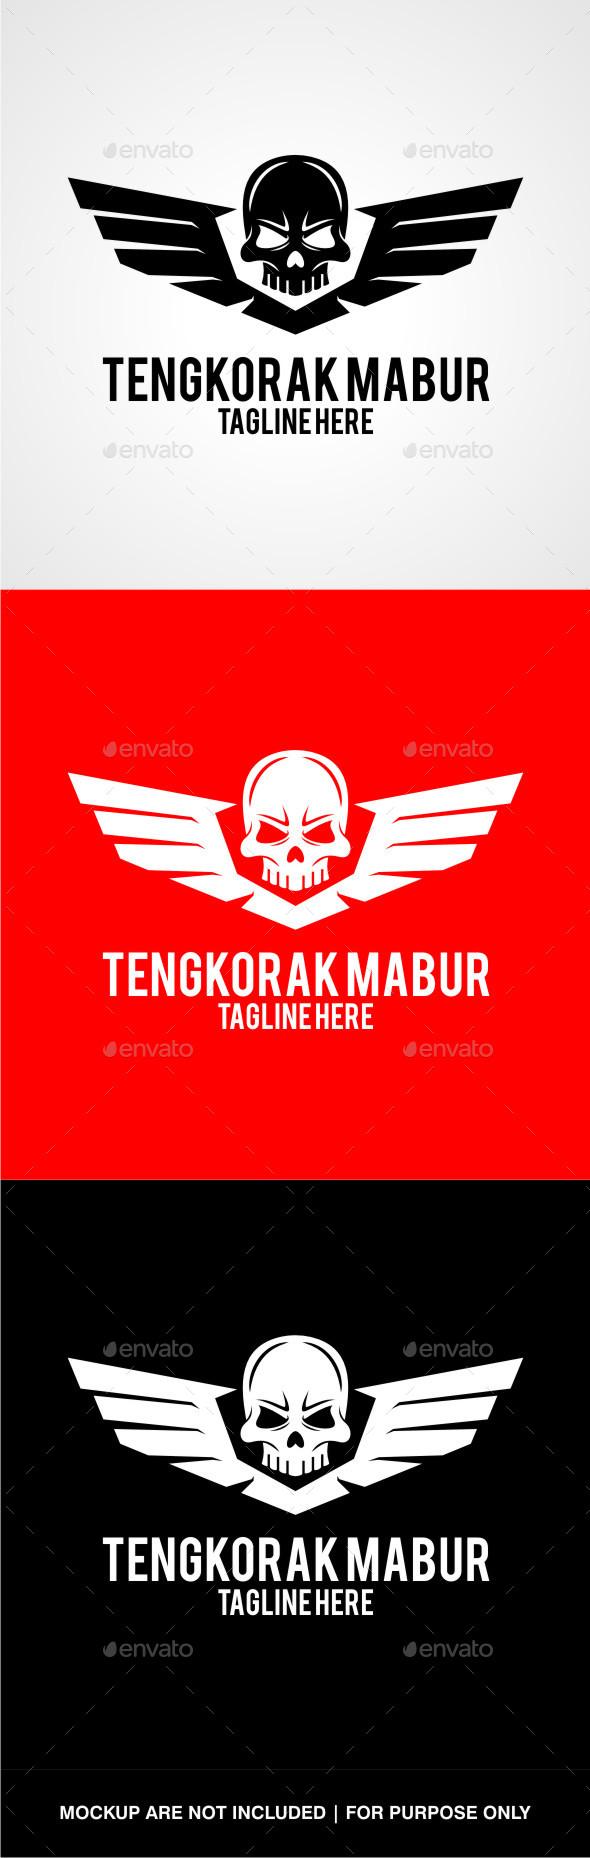 GraphicRiver Tengkorak Mabur V2 10654643